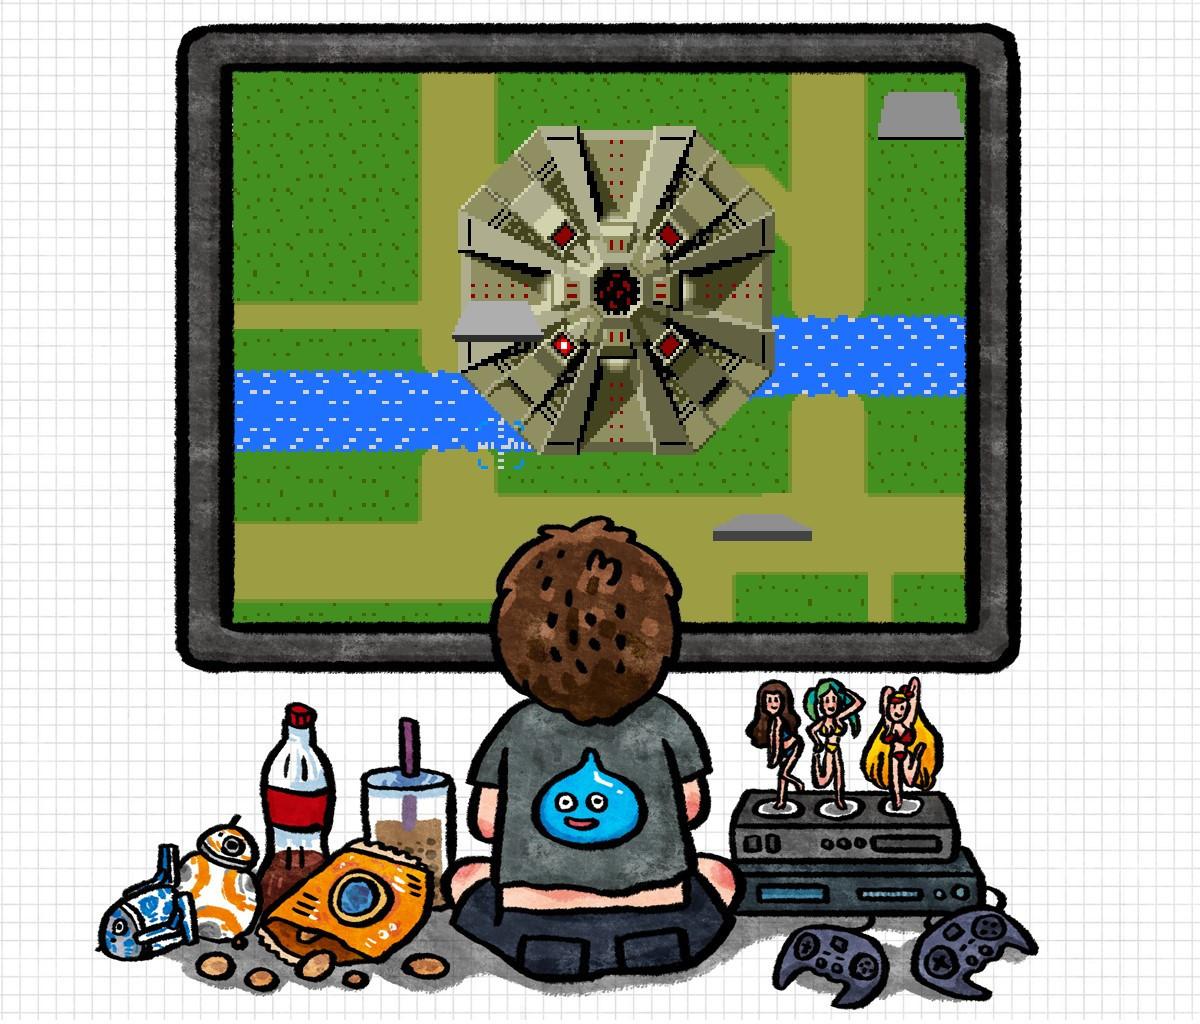 是[巷口遊戲攤] 鐵板陣:縱向捲軸射擊遊戲的拓荒者這篇文章的首圖